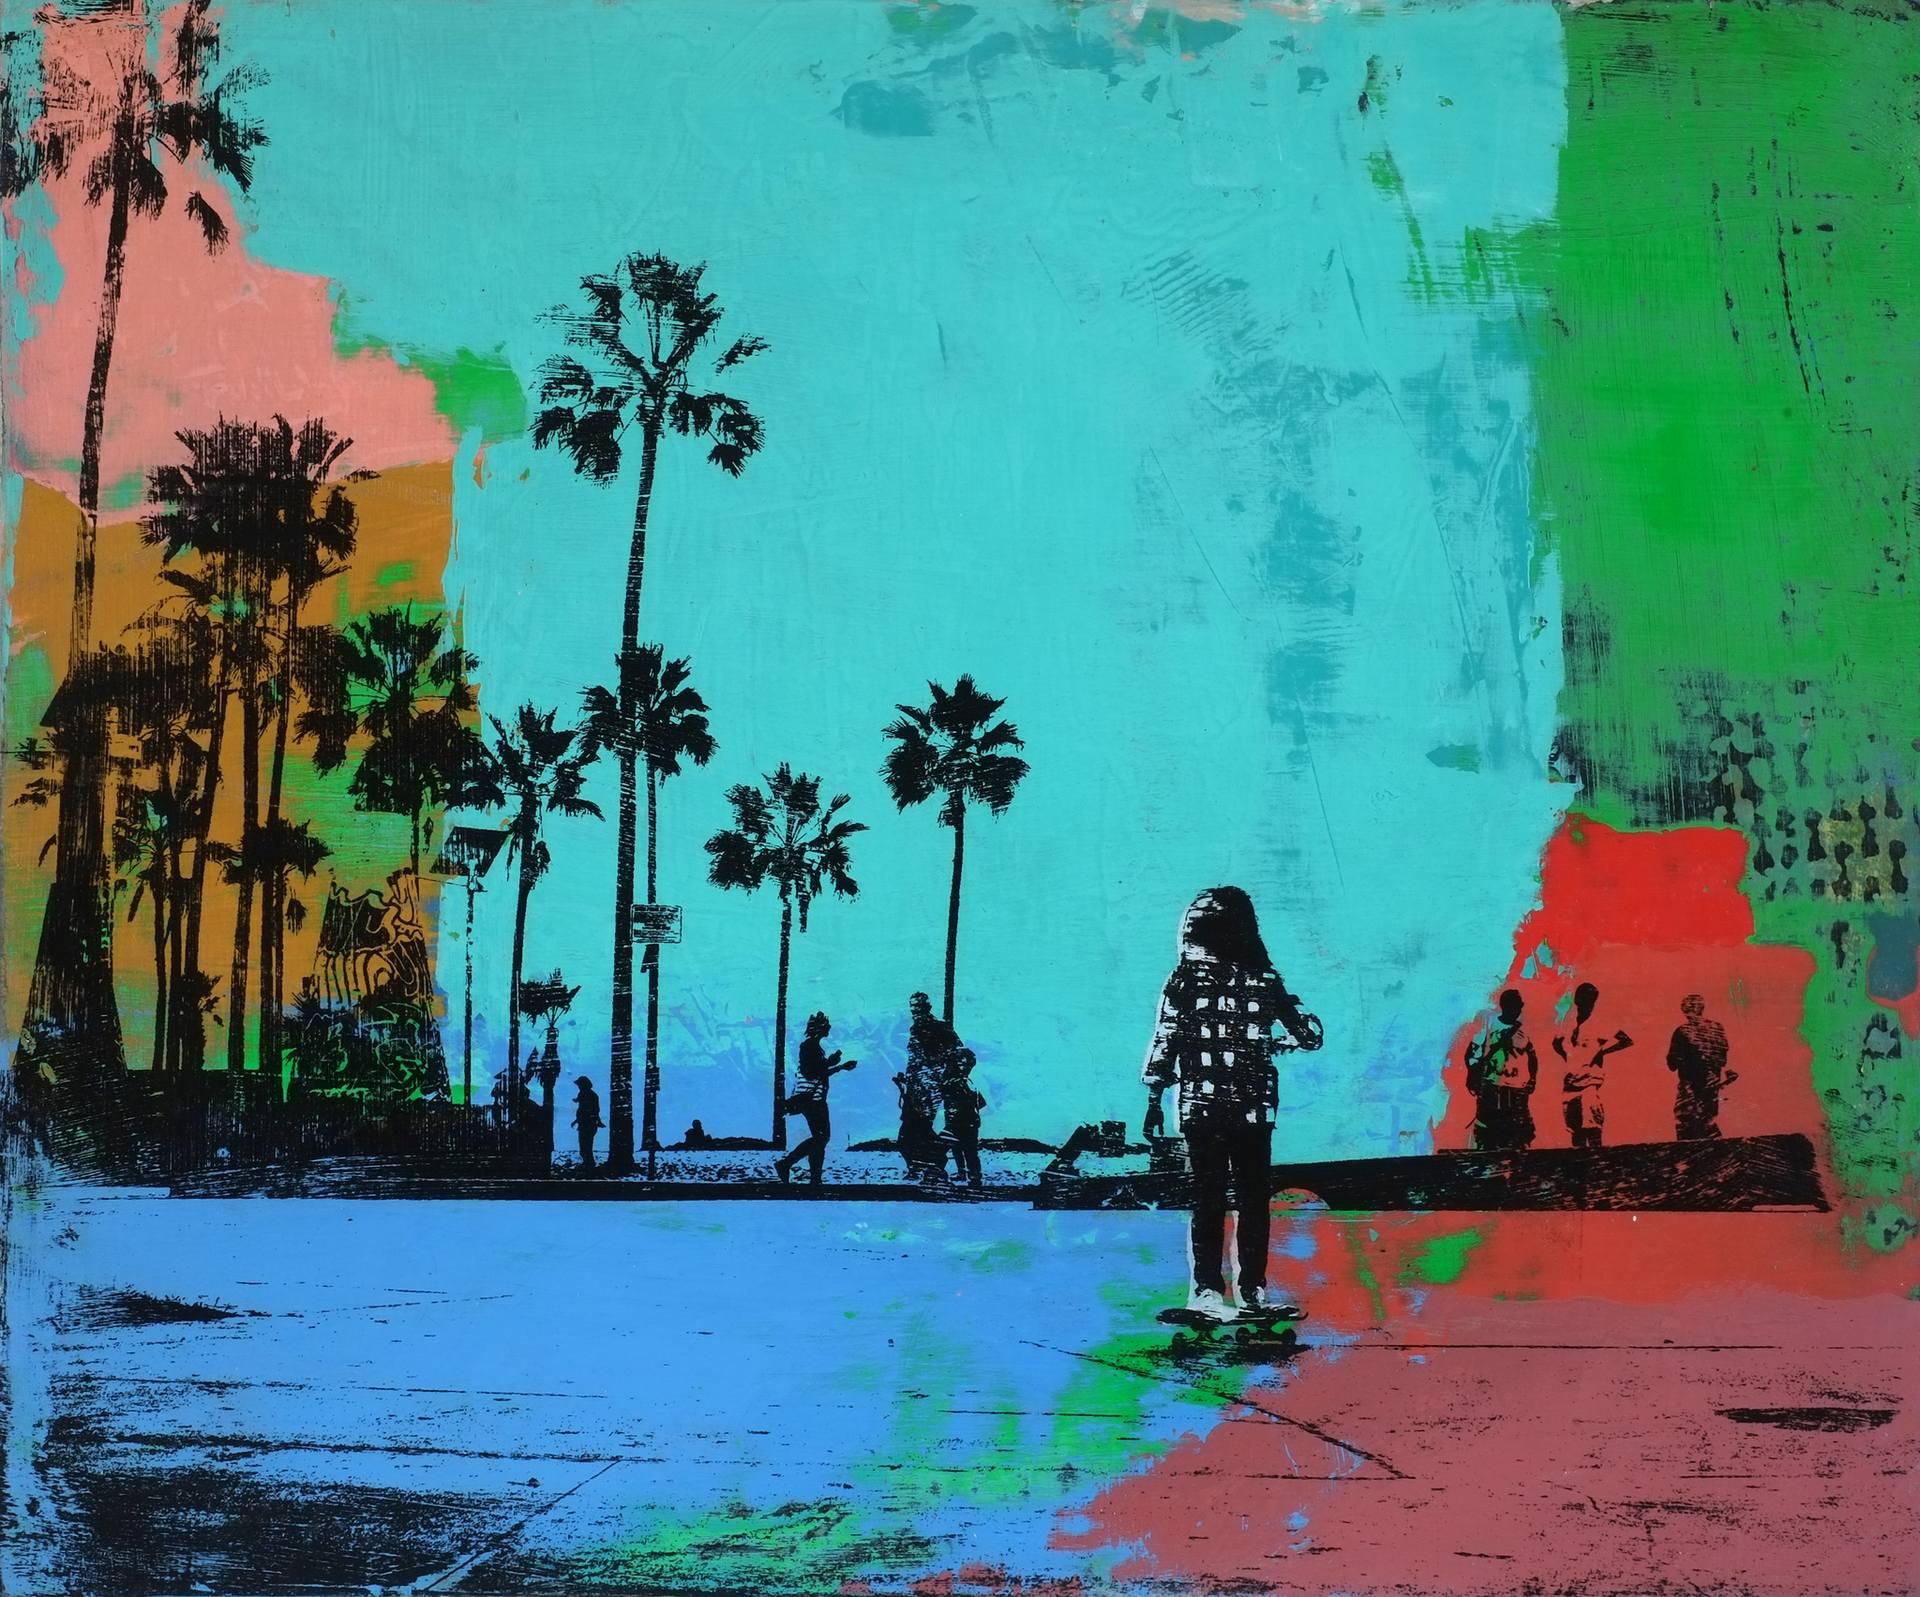 Skater Girl by Deanna Fainelli